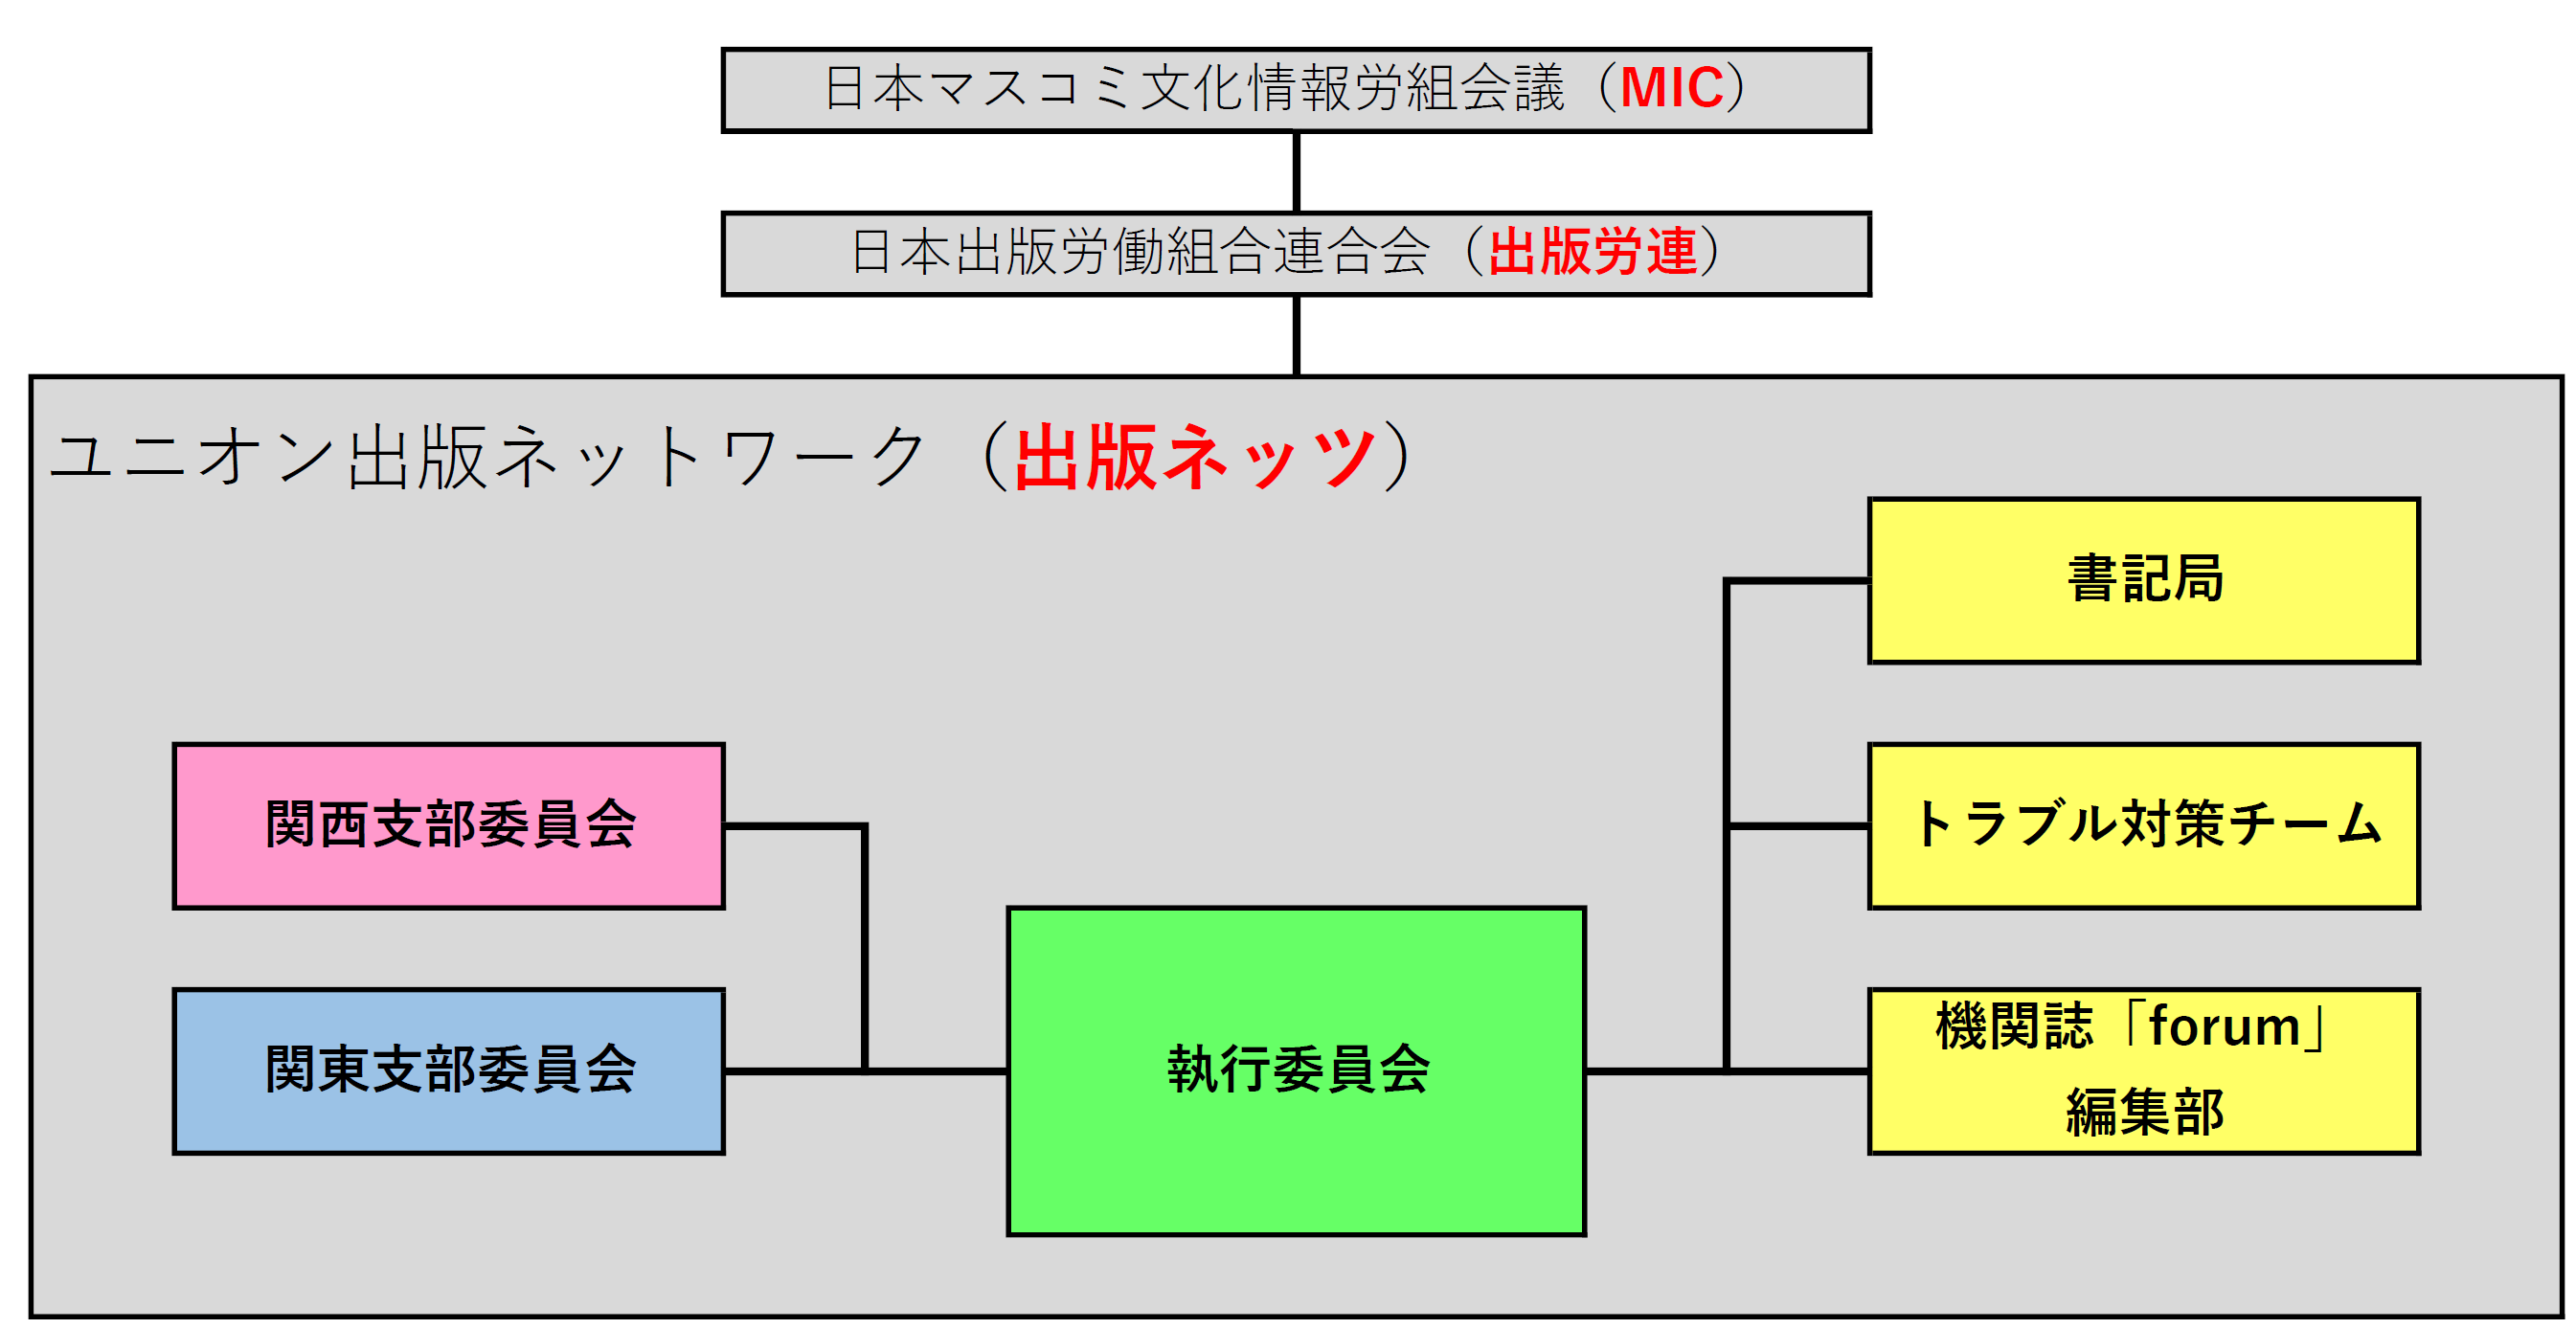 出版ネッツ組織図